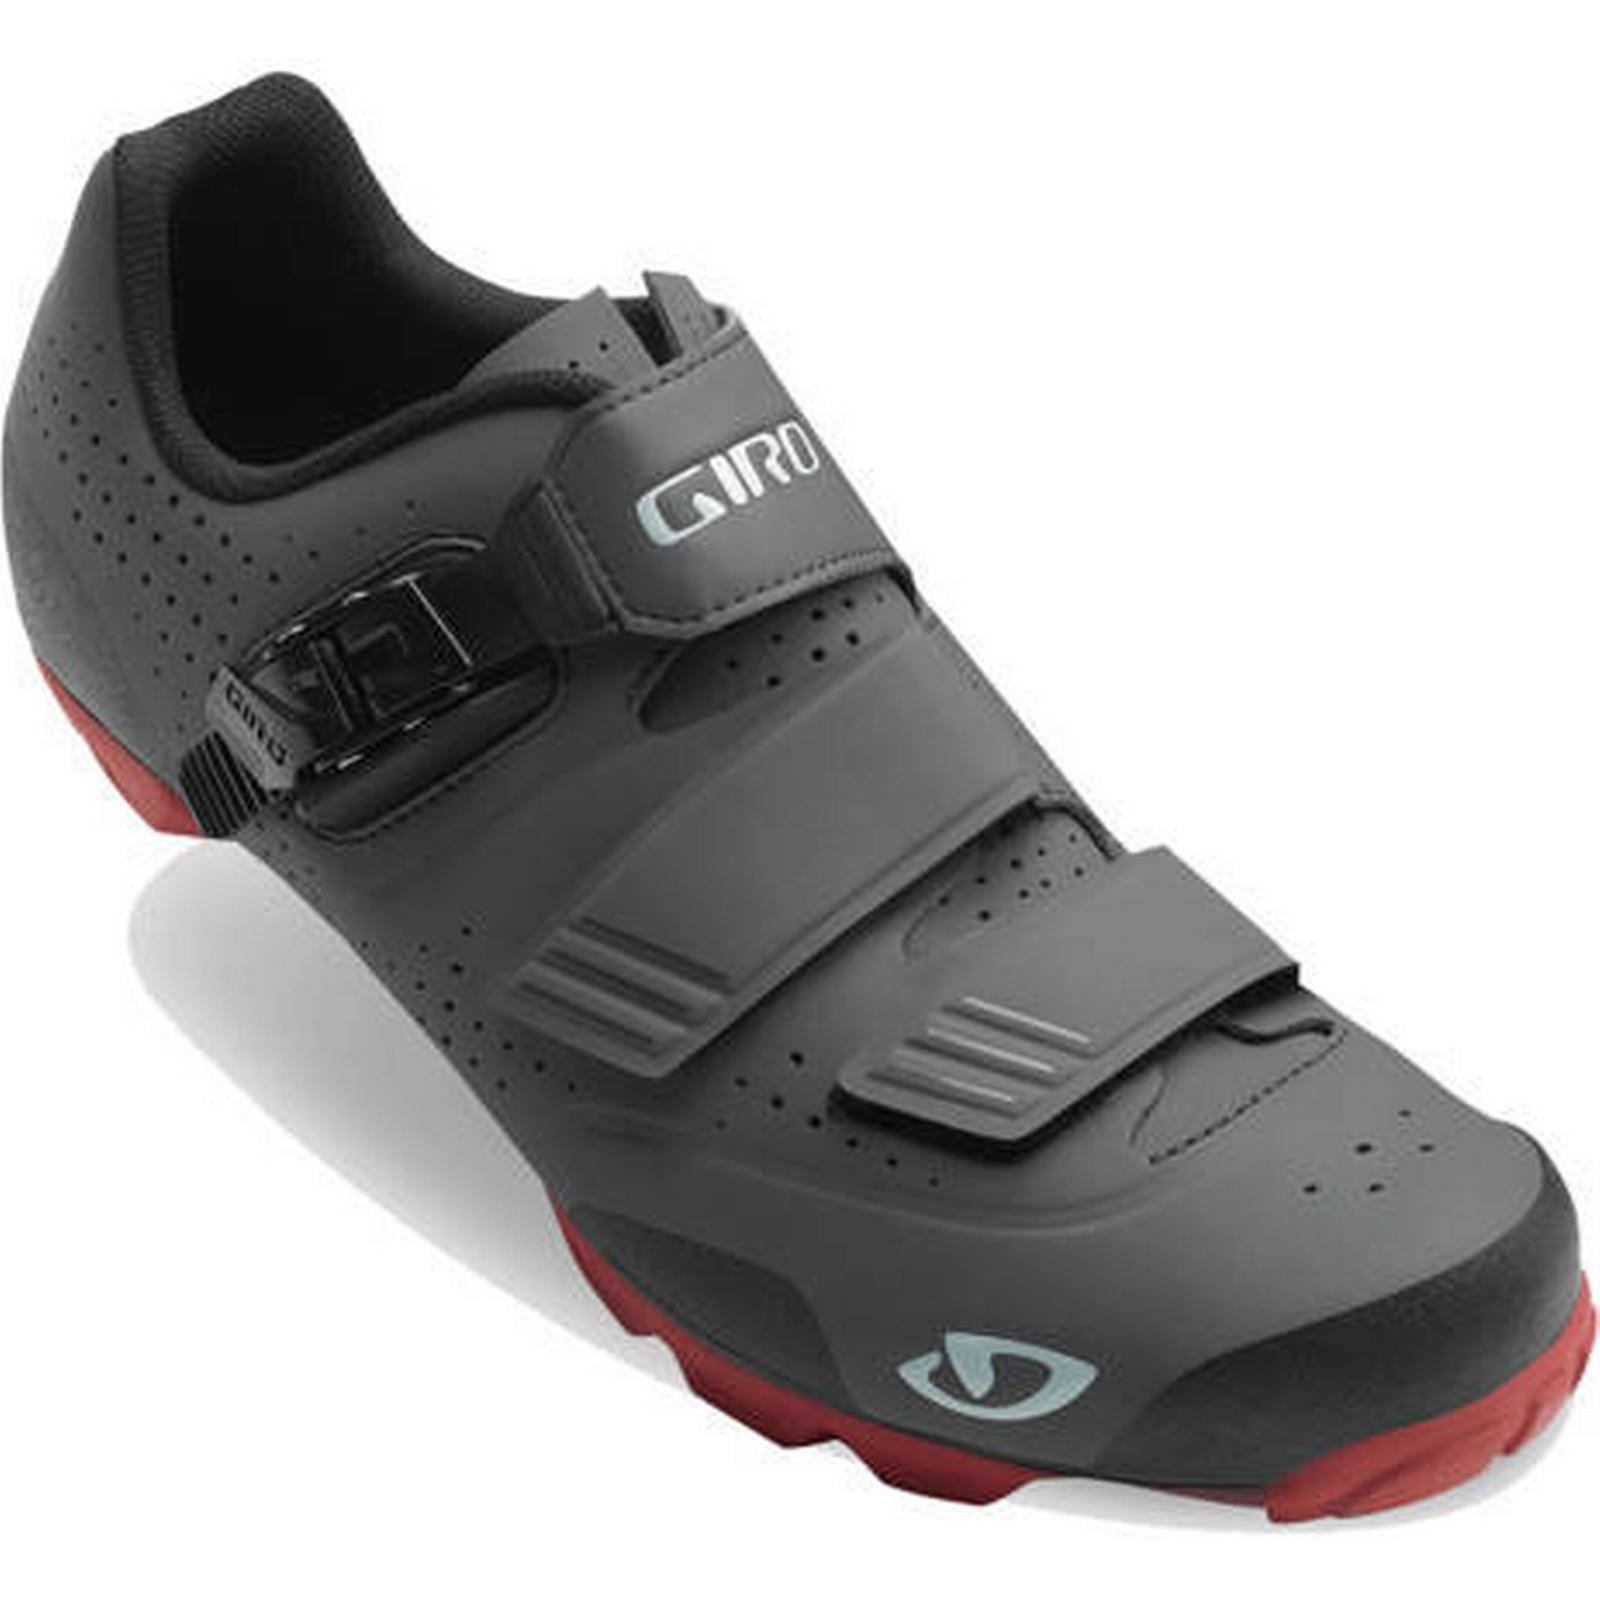 Giro Mountain Shoes Giro Privateer R Mountain Giro Bike Shoes - Dark Shadow / Red / EU48 9c5495